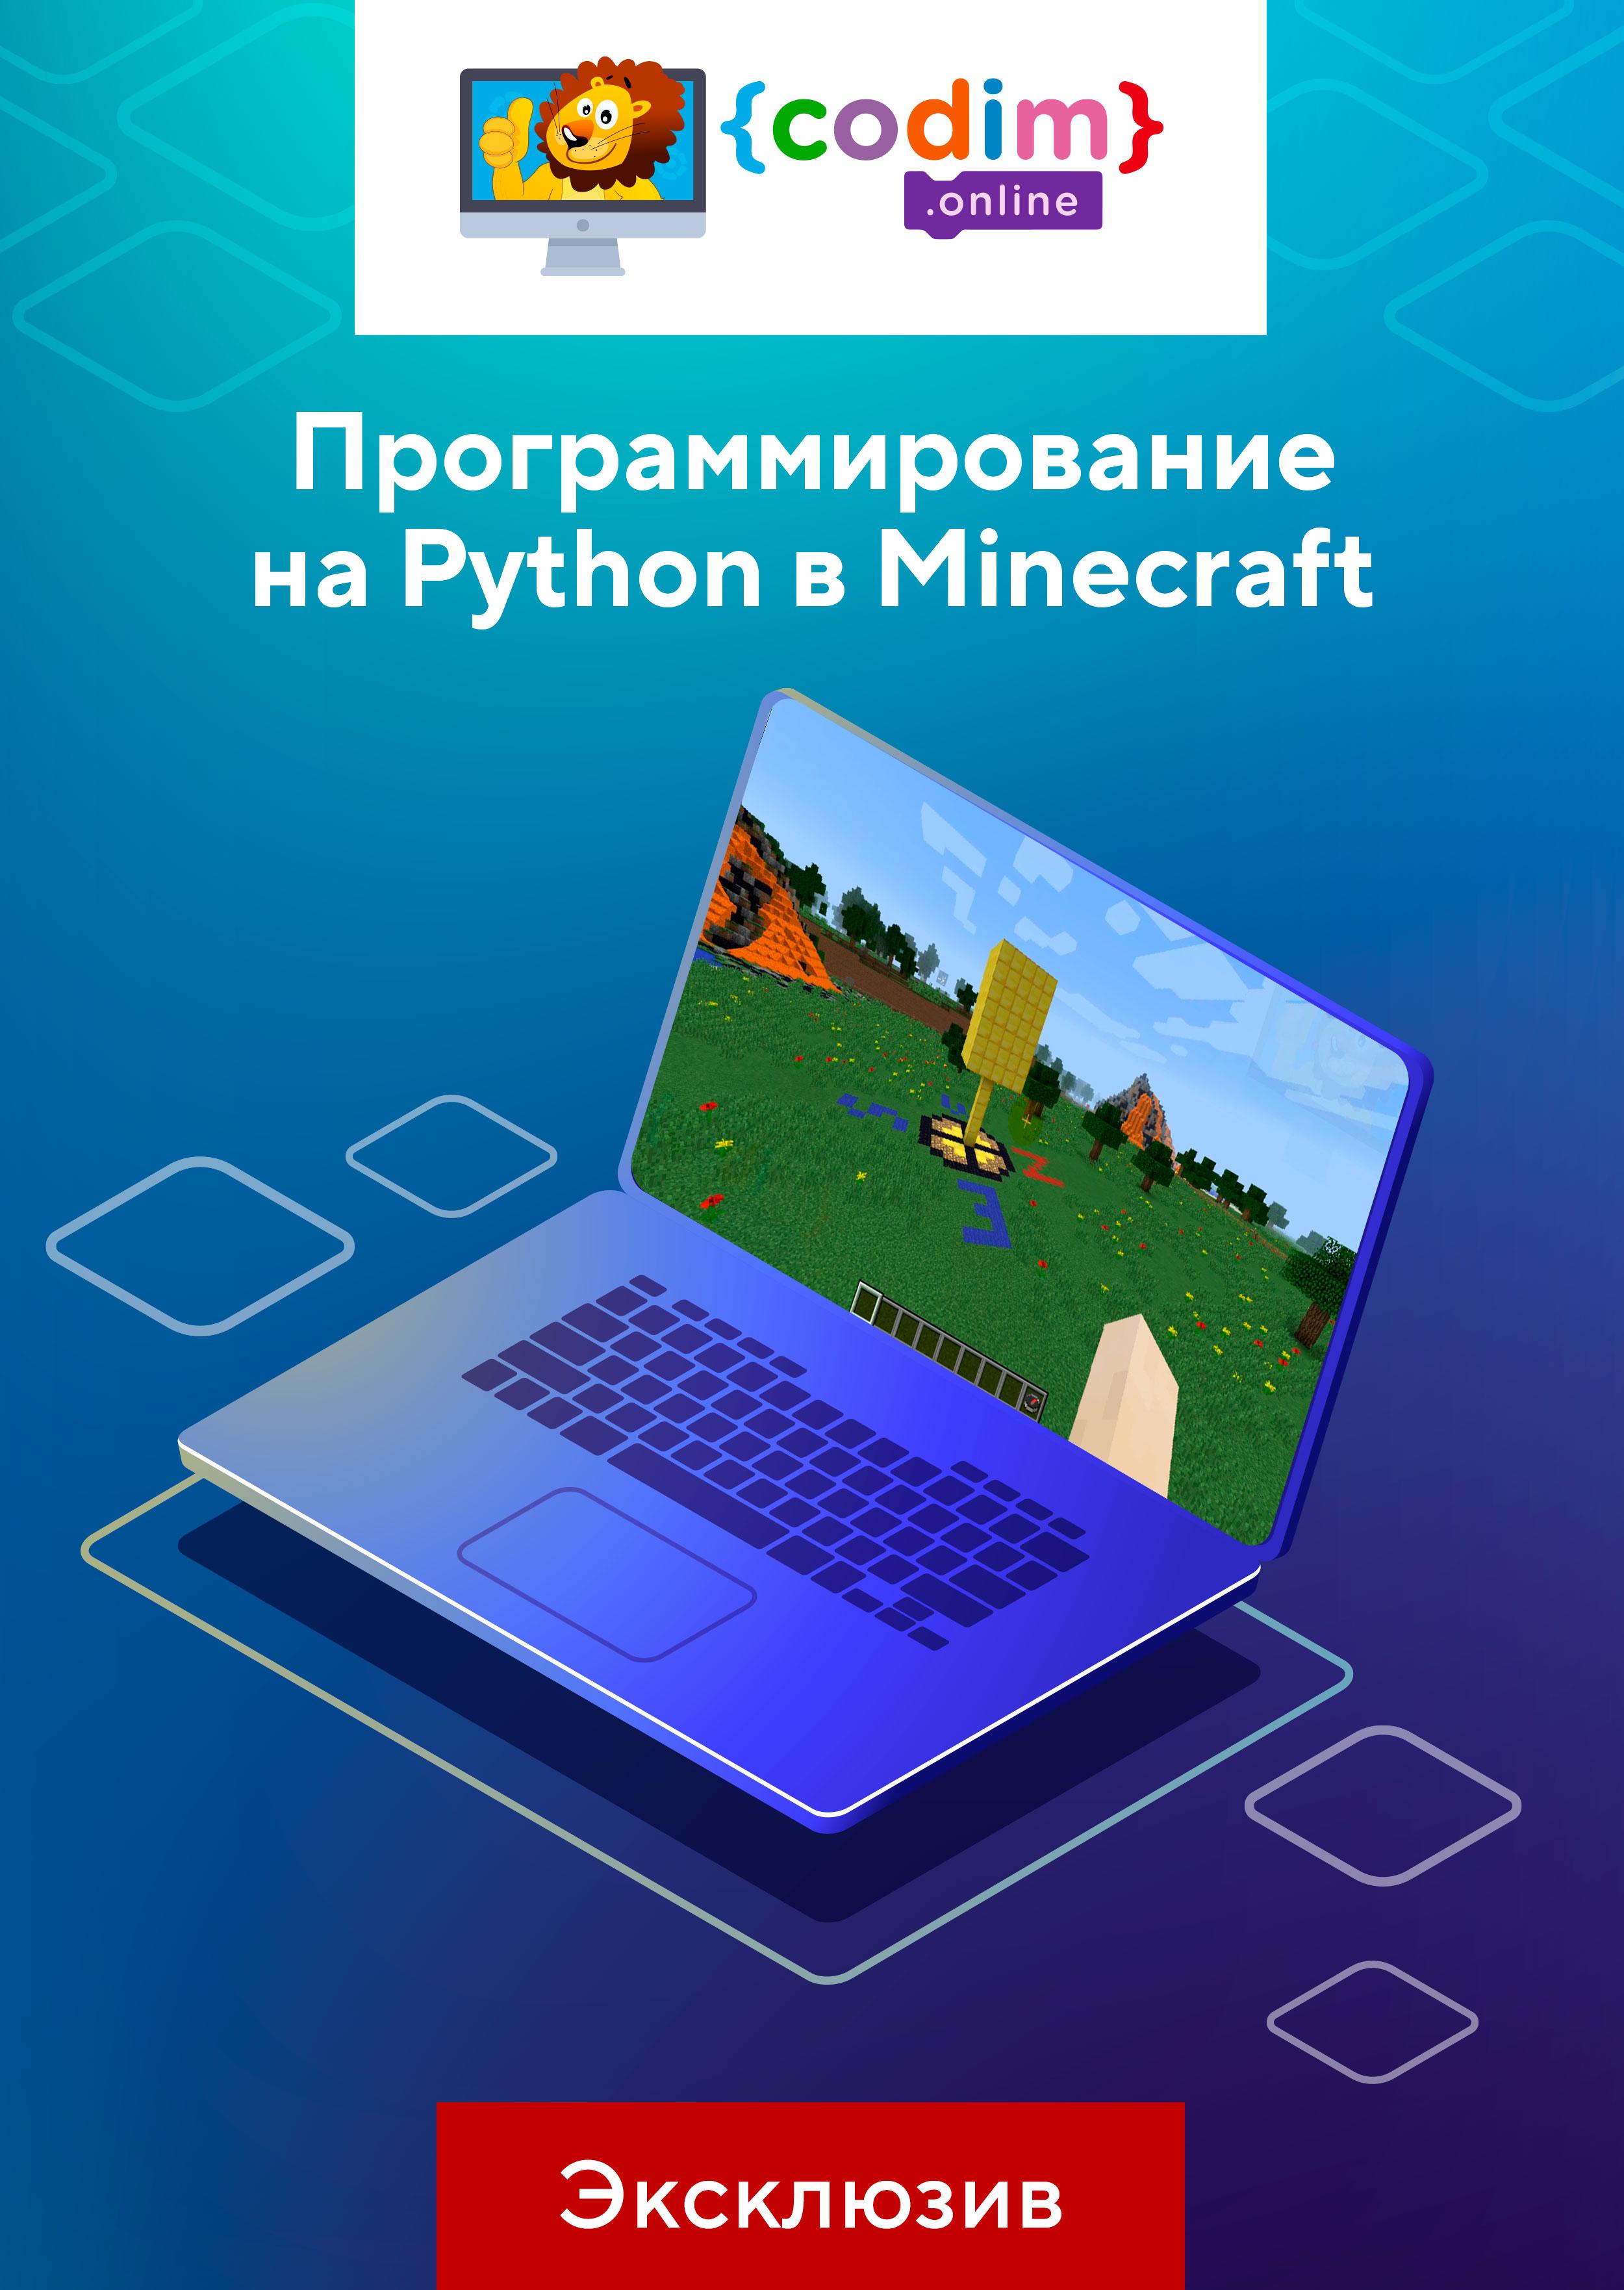 Программирование на Python в Minecraft